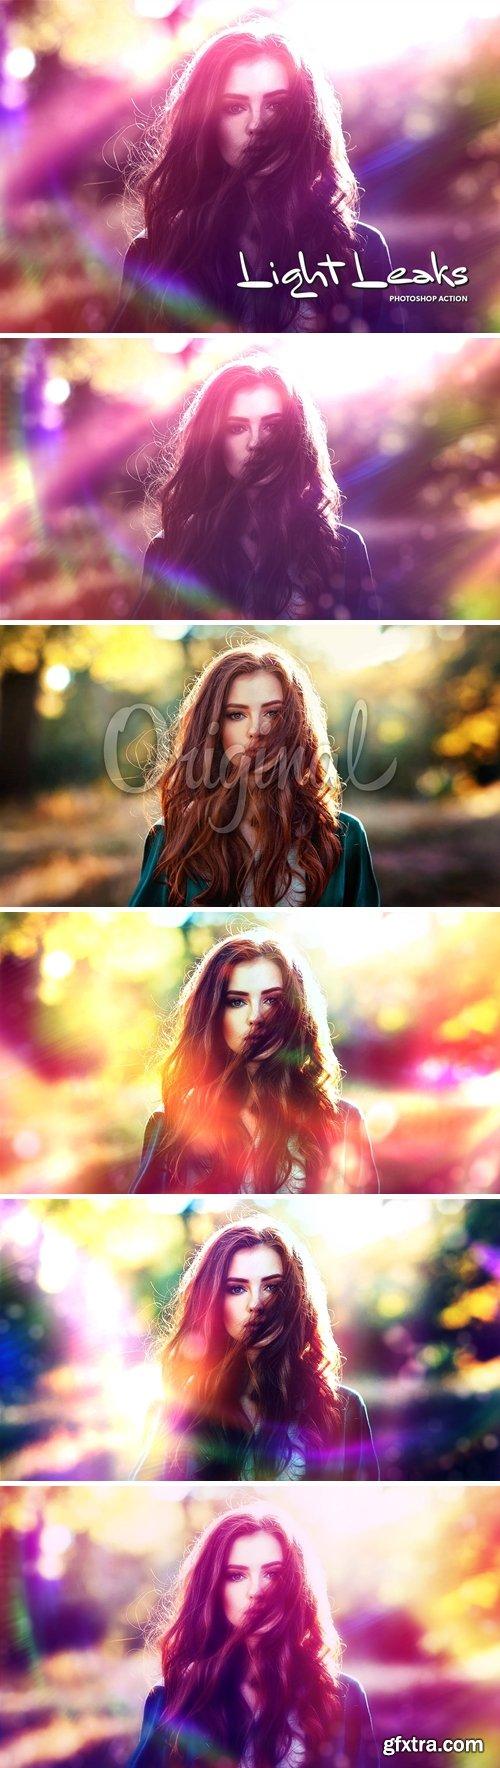 Light Leaks CS4+ Photoshop Action